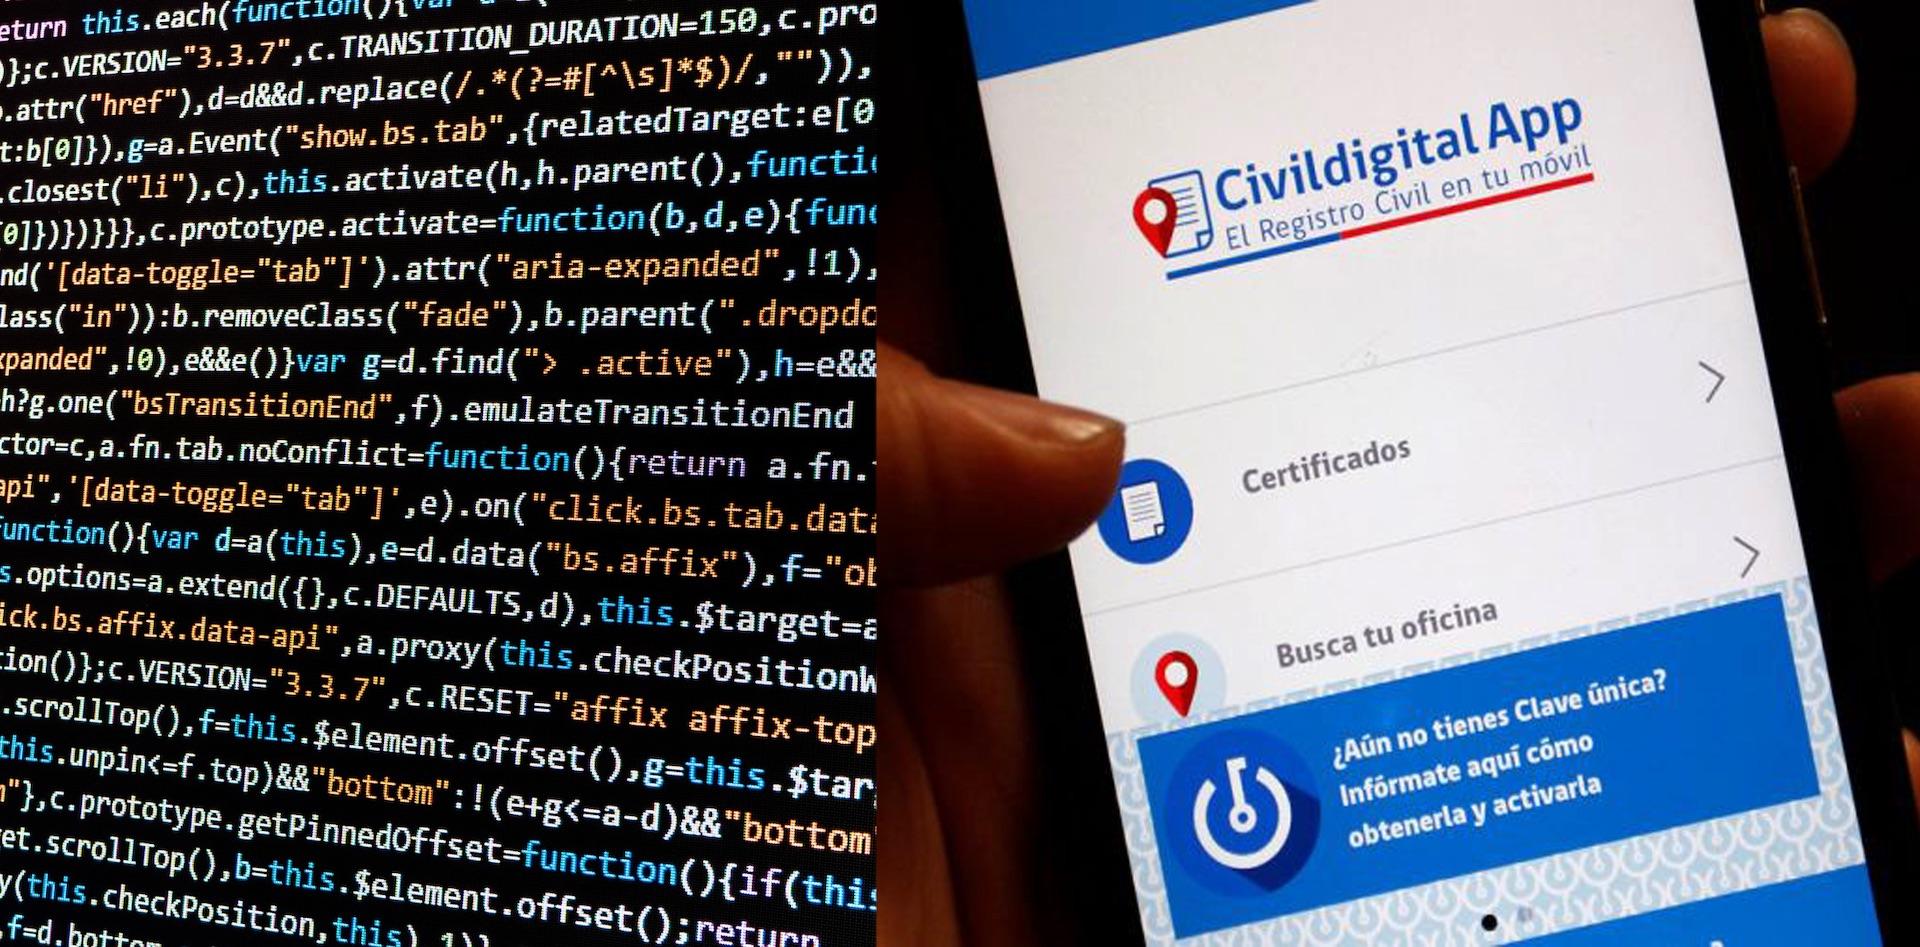 Hackers sustrajeron los datos de las Claves Únicas de todos los chilenos